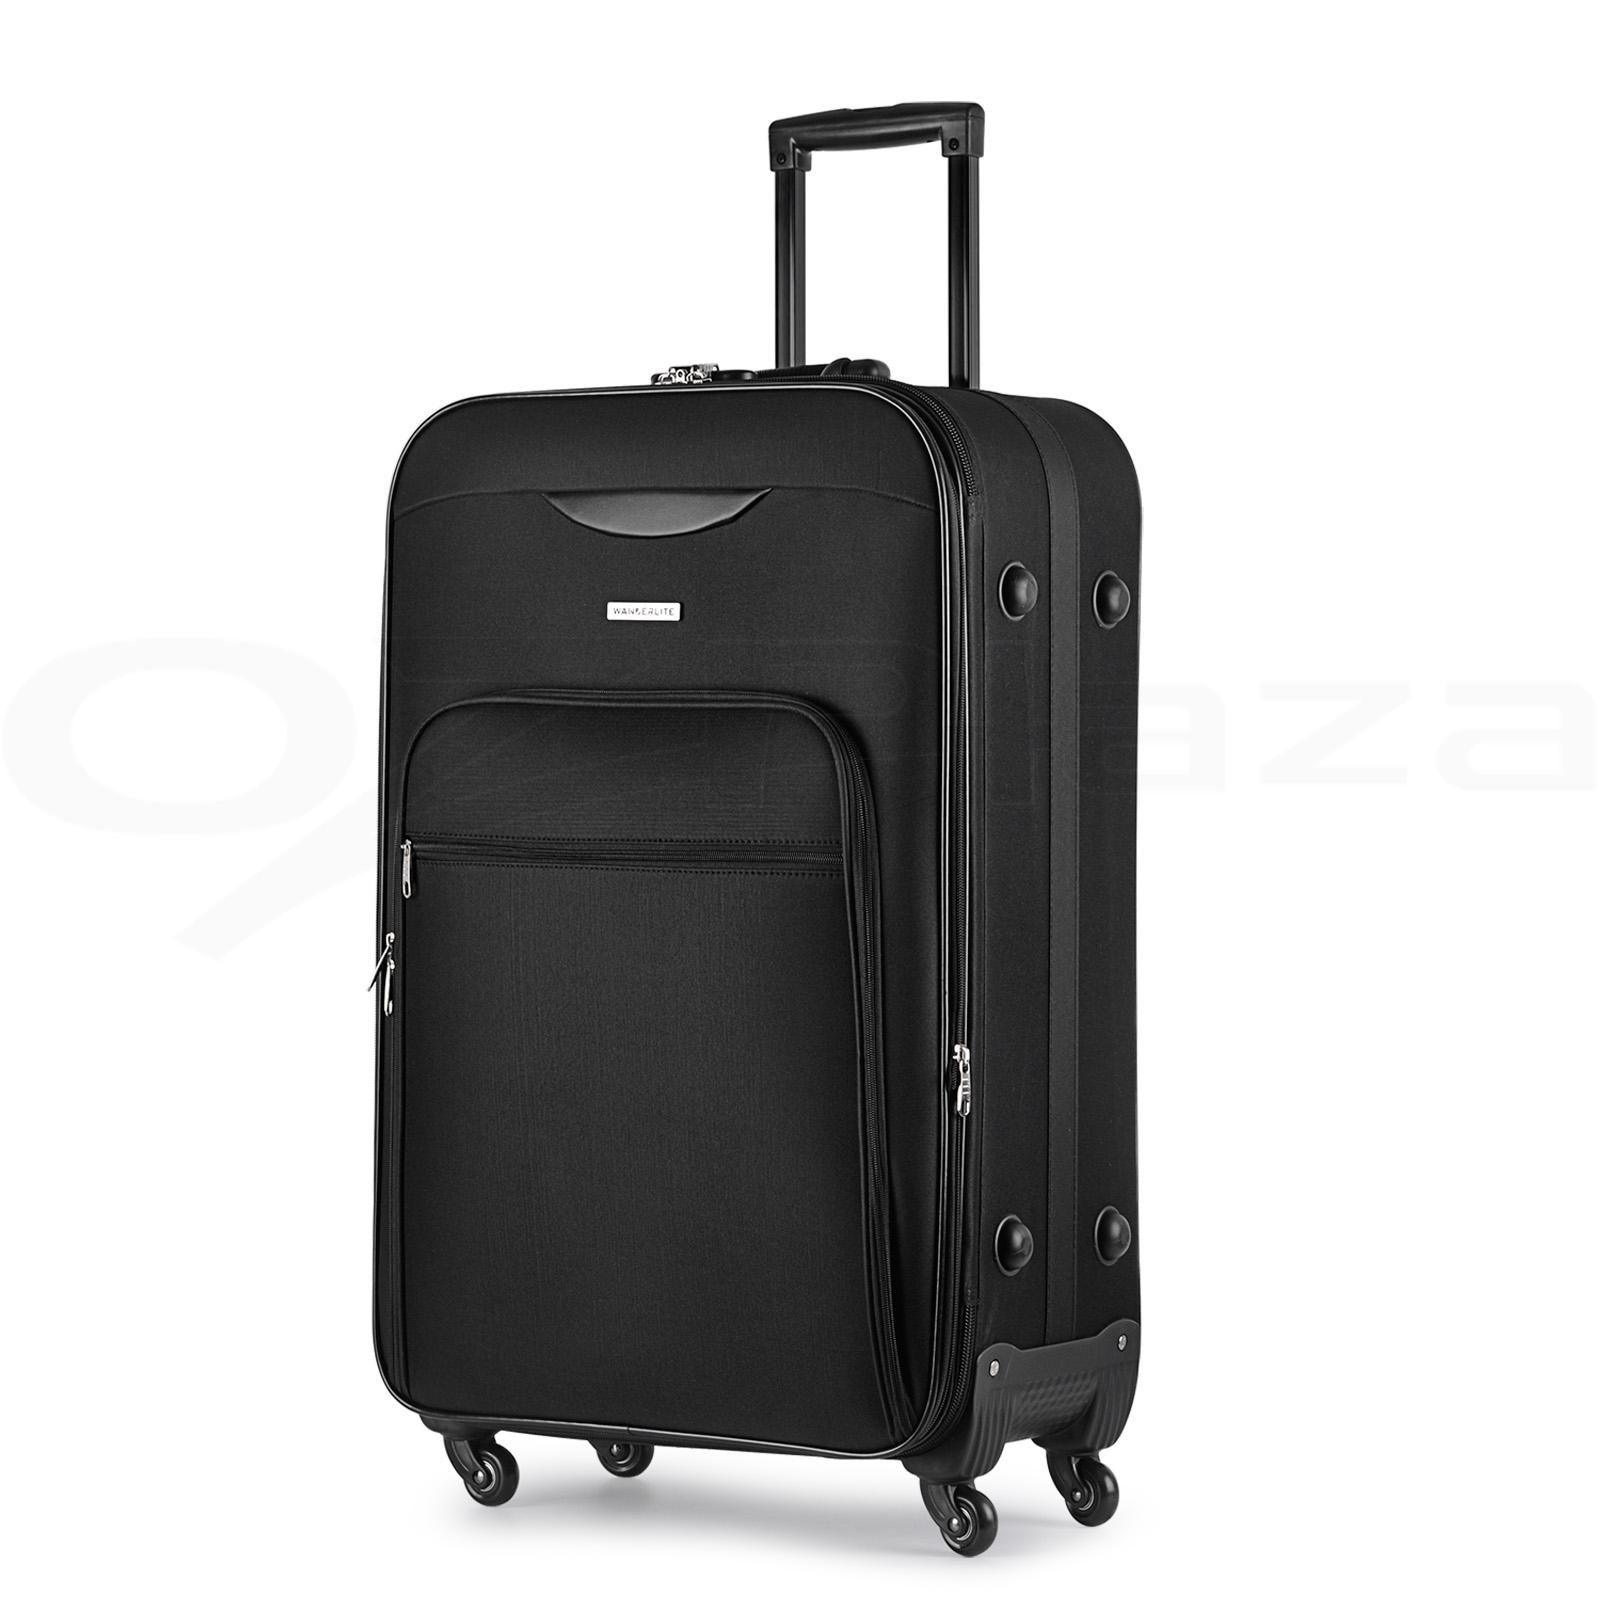 Luggage Suitcase Trolley Set Tsa Carry On Bag Soft Case Lightweight Aluminum Ebay